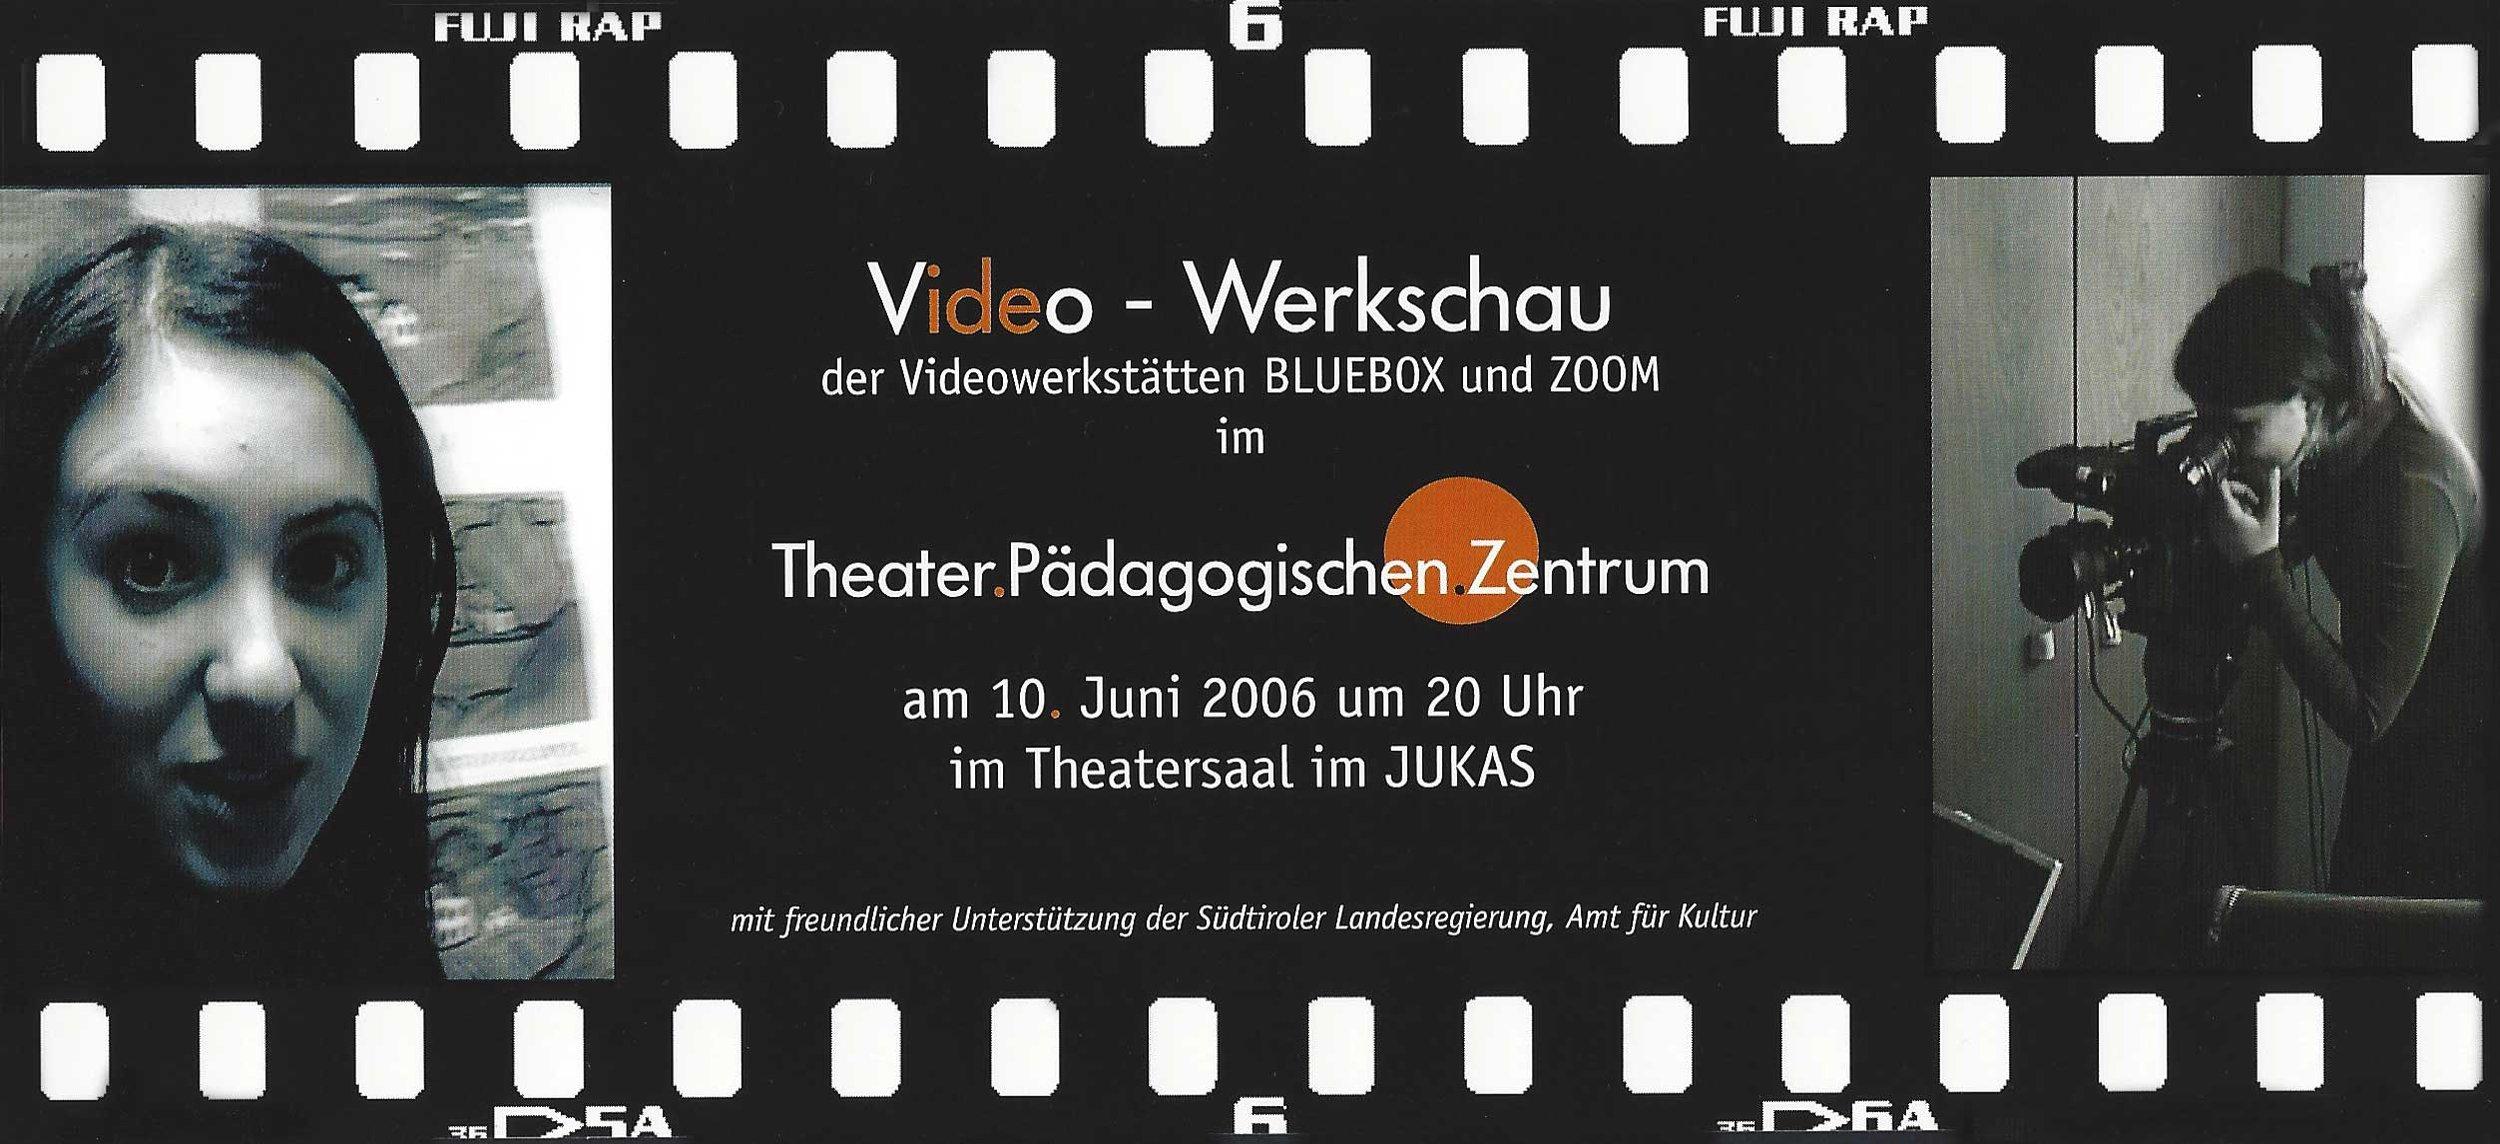 2006-Bluebox-und-Zoom-Plakat-web.jpg